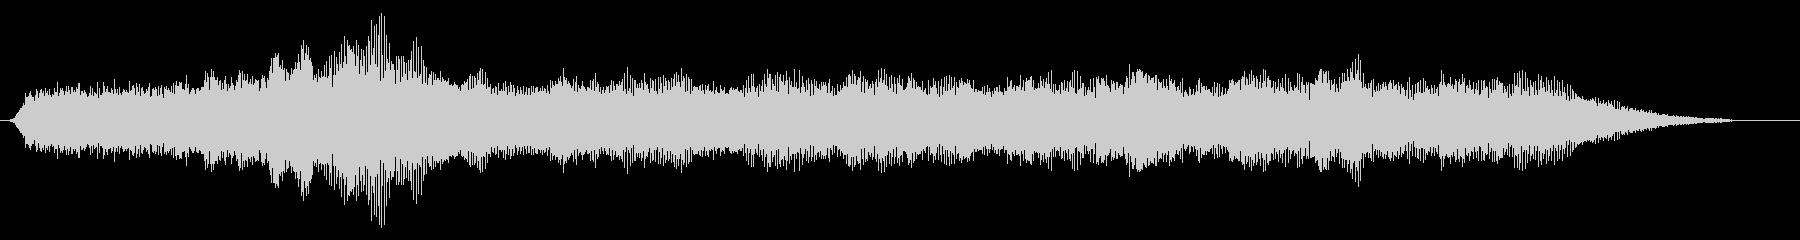 トランジション パッドスイープシズル01の未再生の波形